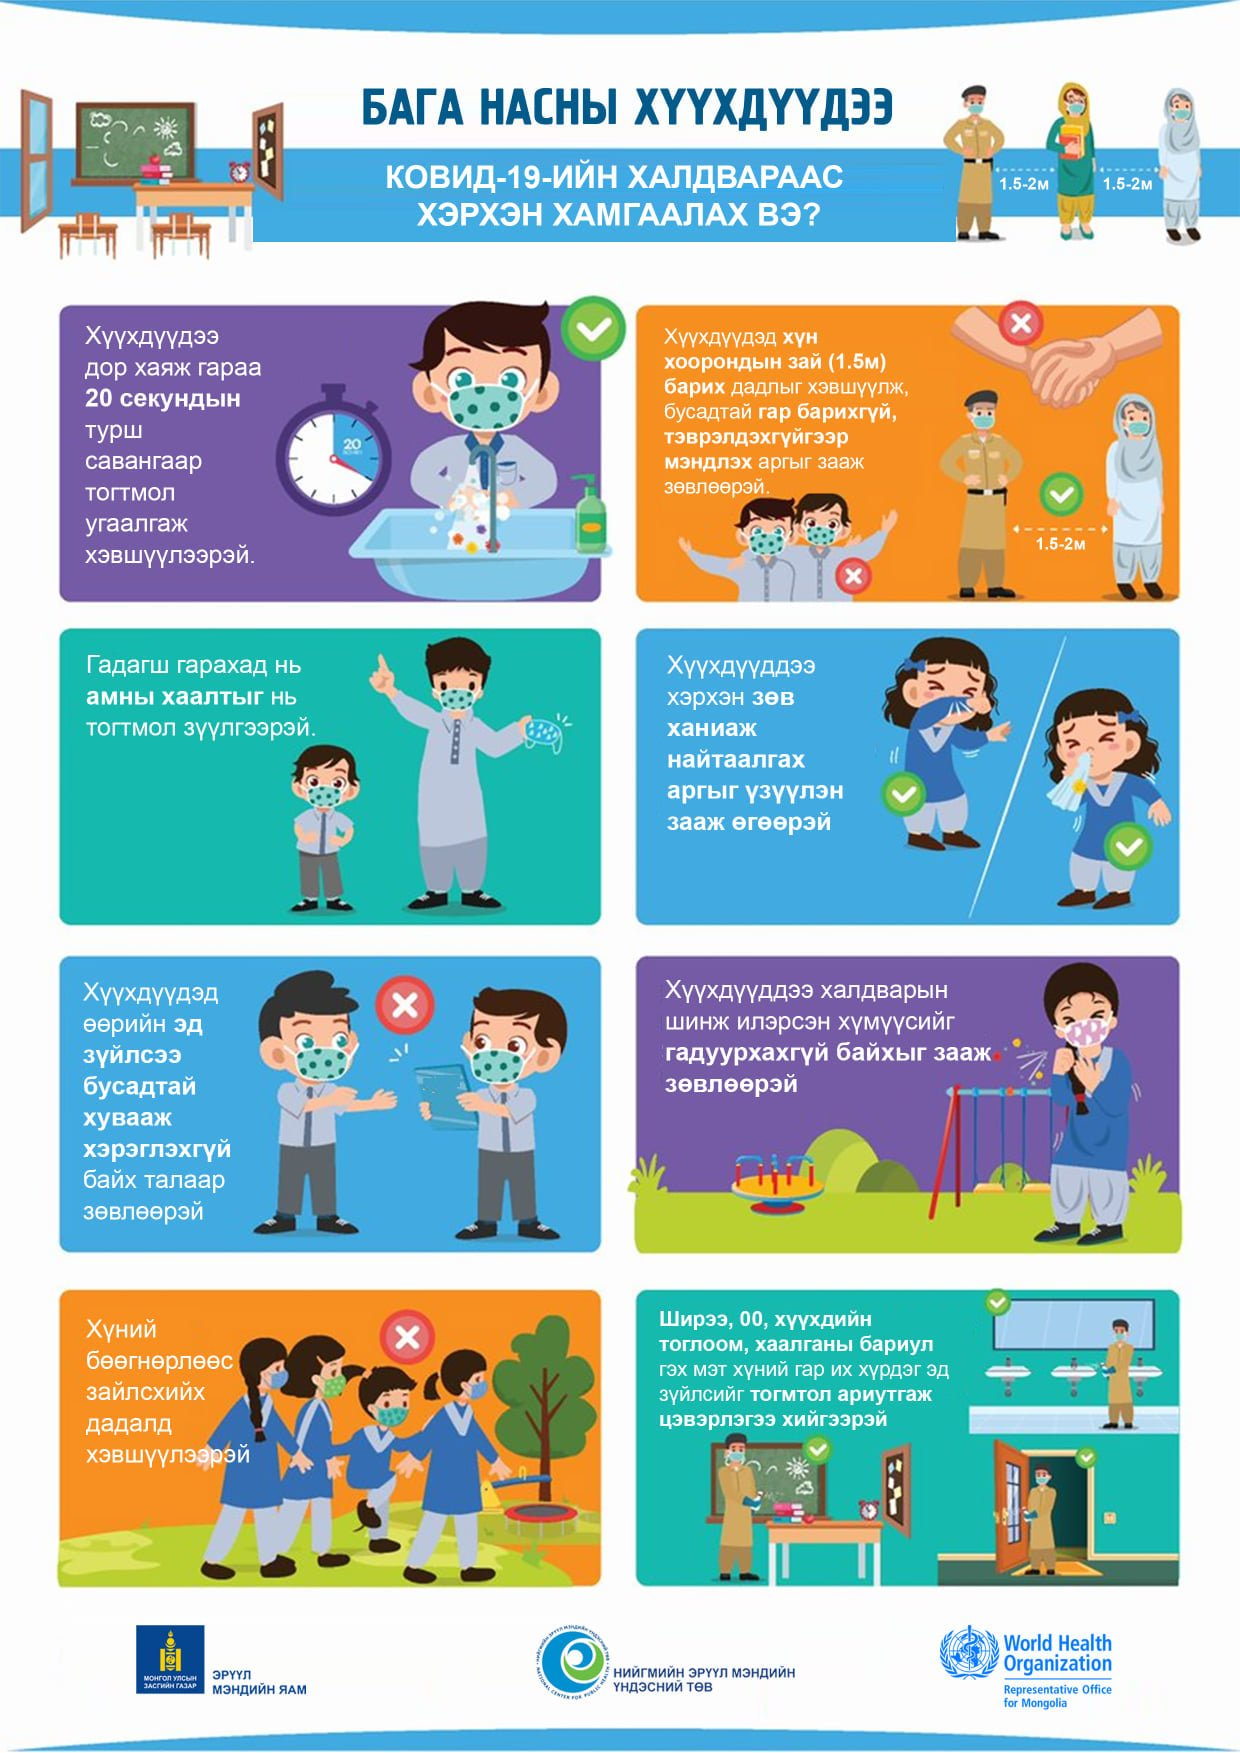 ЭМЯ: Бага насны хүүхдүүдээ Covid-19 халдвараас хэрхэн хамгаалах вэ?